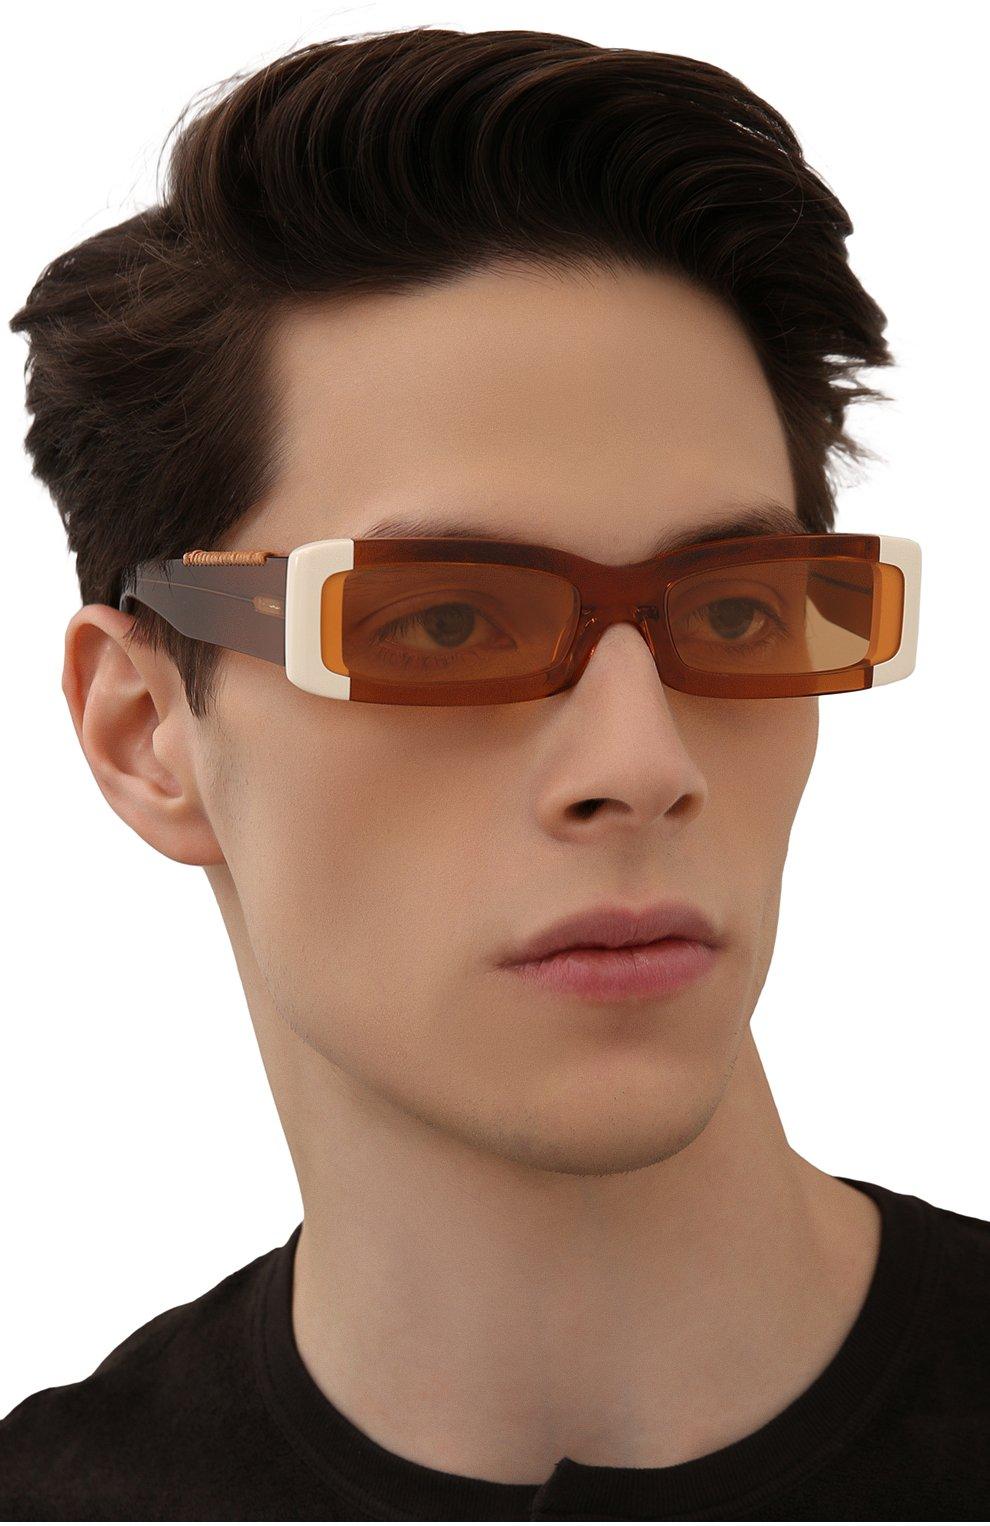 Женские солнцезащитные очки JACQUEMUS оранжевого цвета, арт. LES LUNETTES 97 SHADE 0F 0RANGE | Фото 3